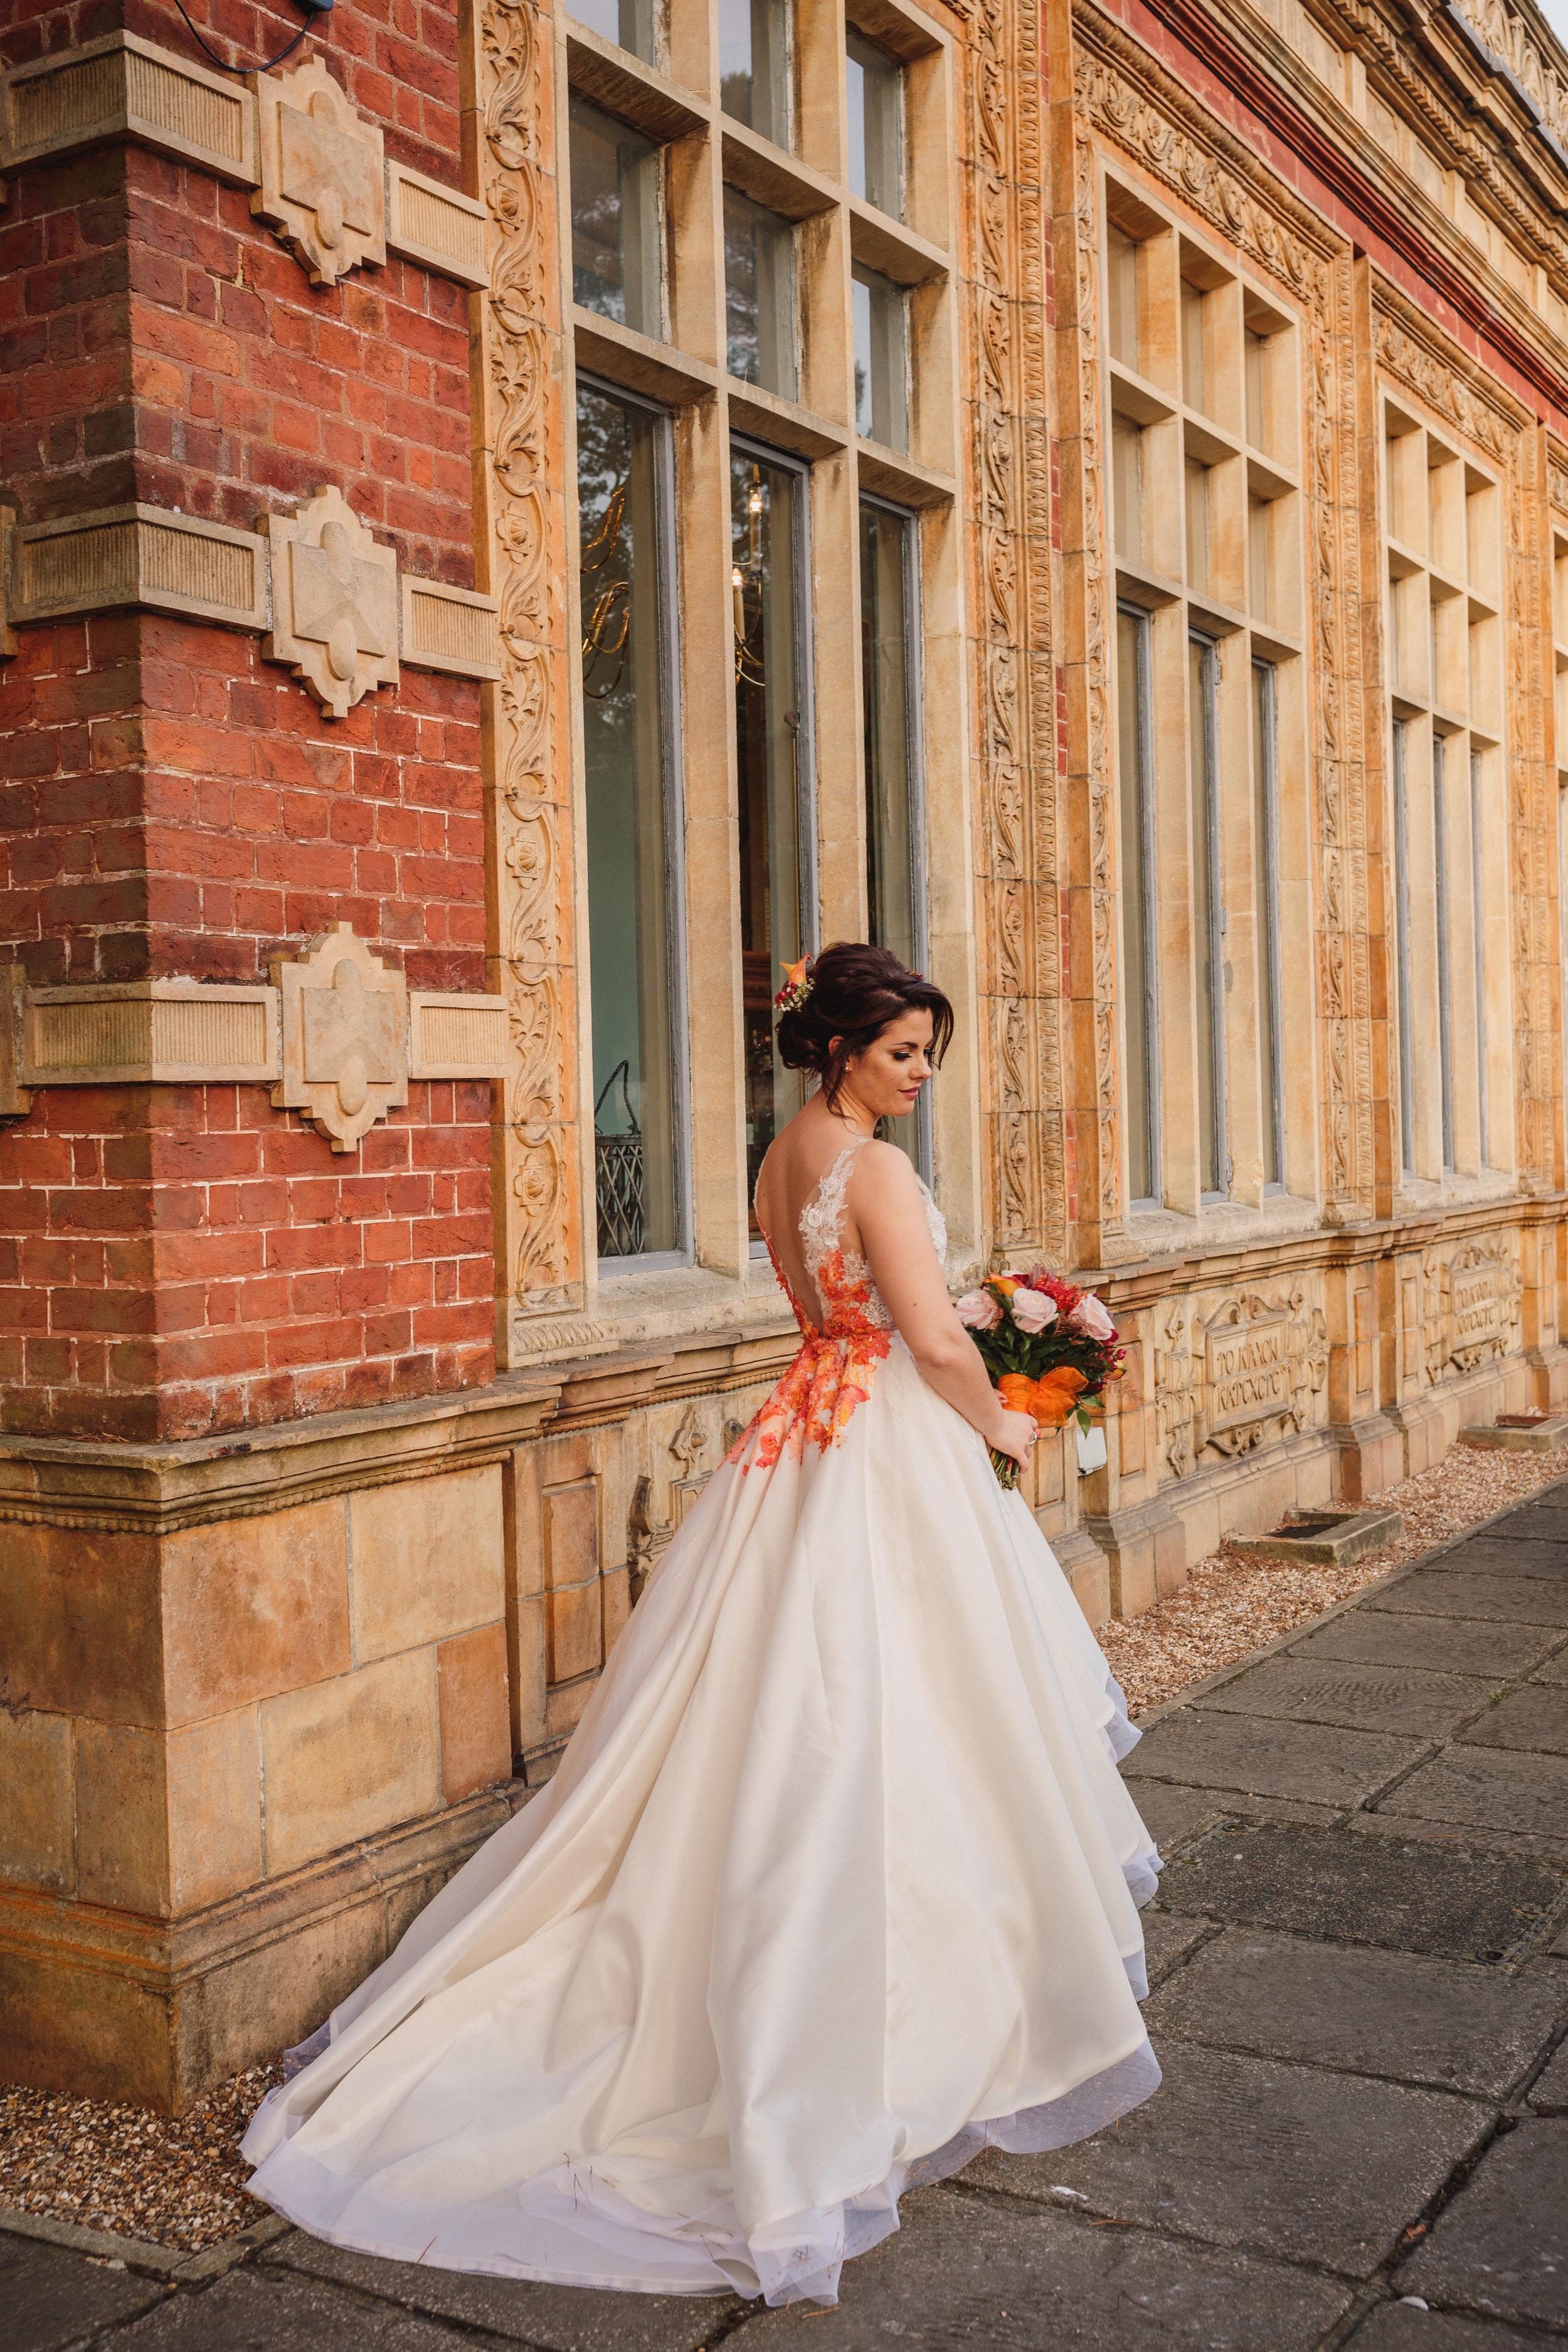 wedding dress low back details